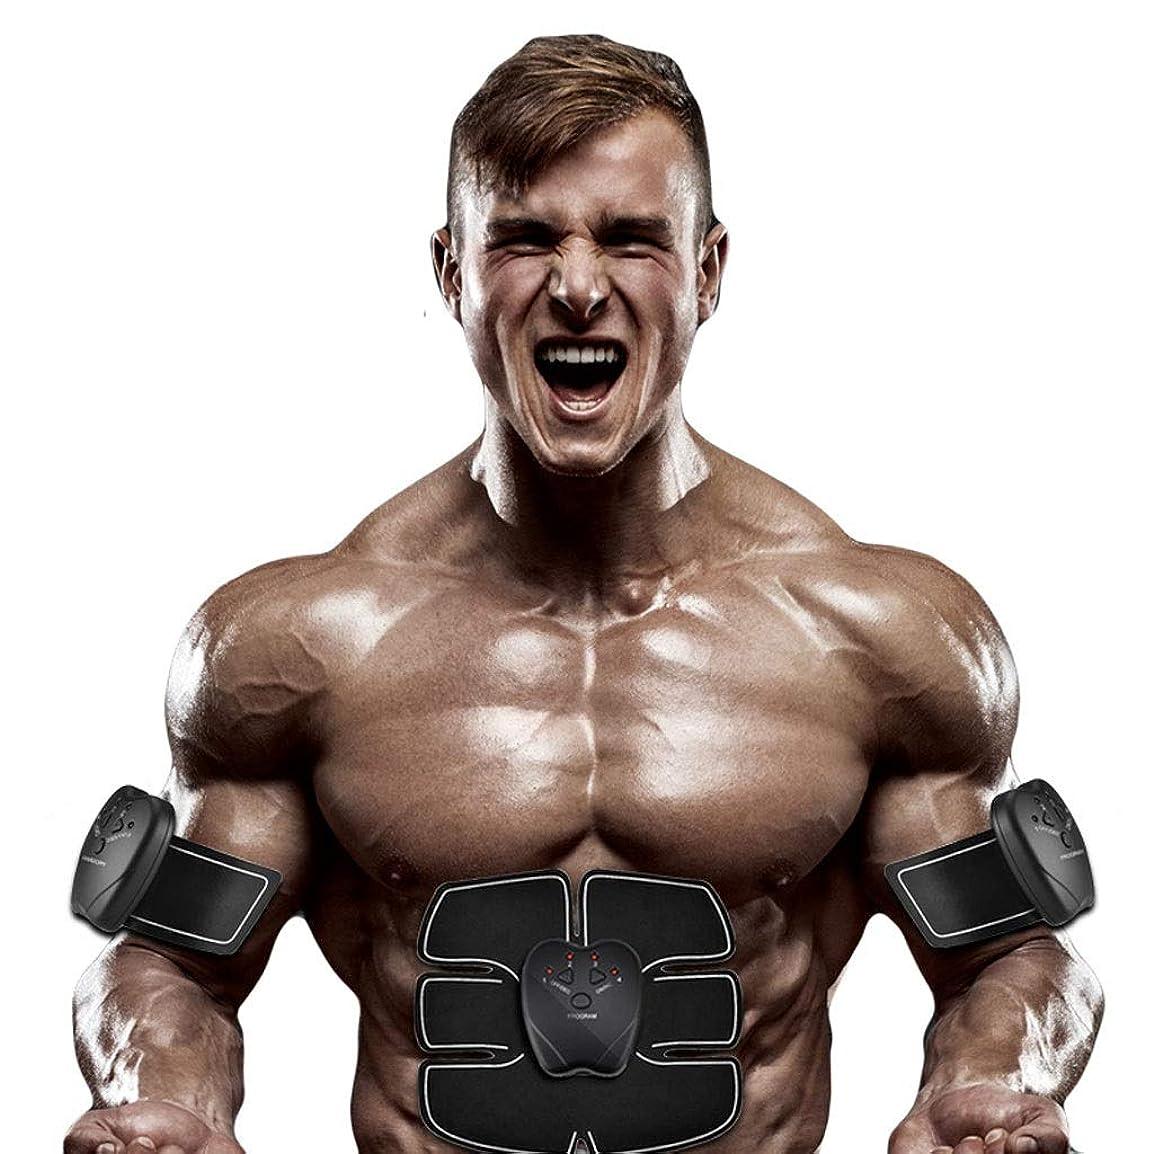 振り返る有効粘り強い腹部刺激、腹部調色ベルト、マッスルトナー、ポータブルマッスルトレーナー、ボディマッスルフィットネストレーナー腹部腕用トレーニング